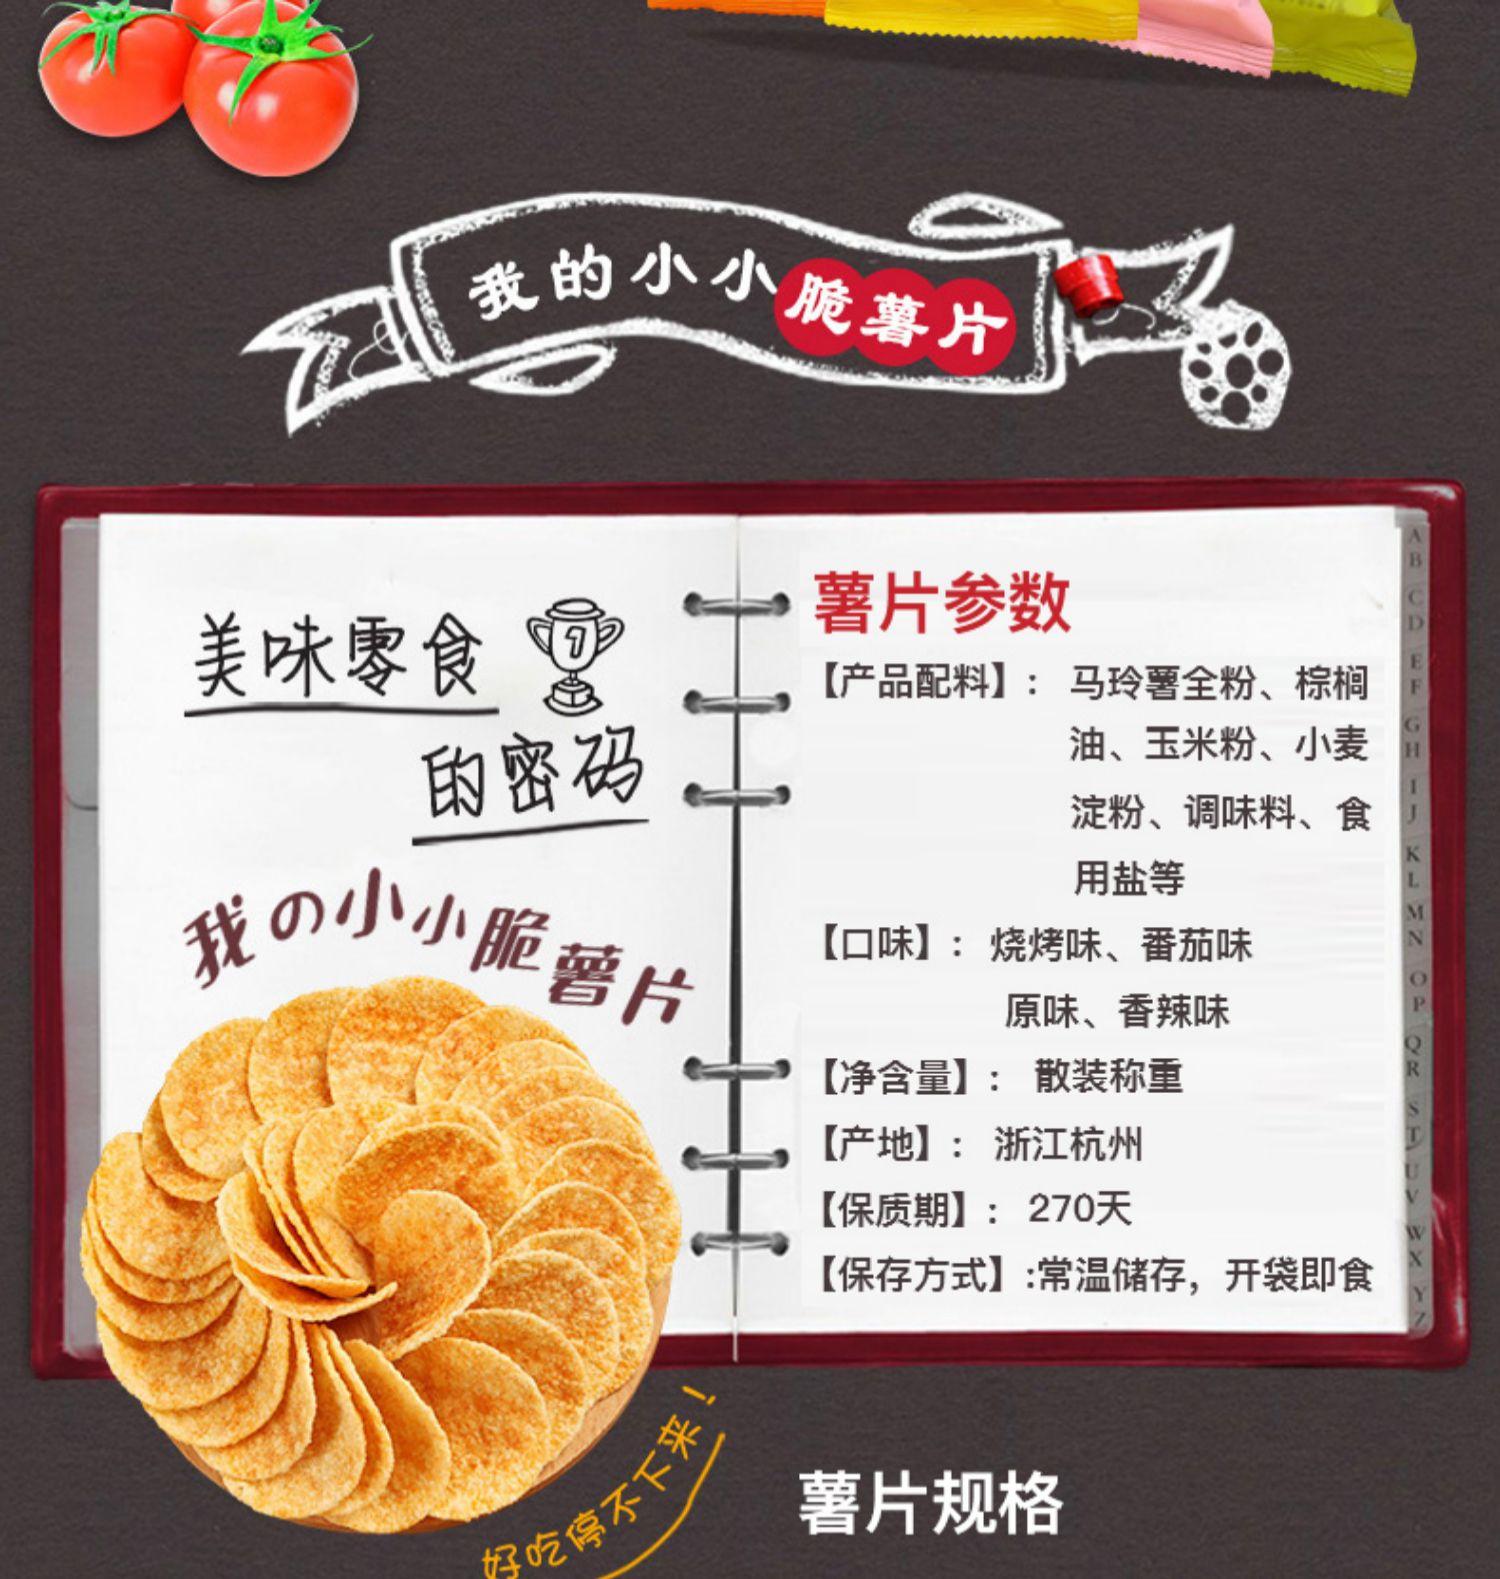 【阿婆家的】薯片小吃零食大礼包8包2